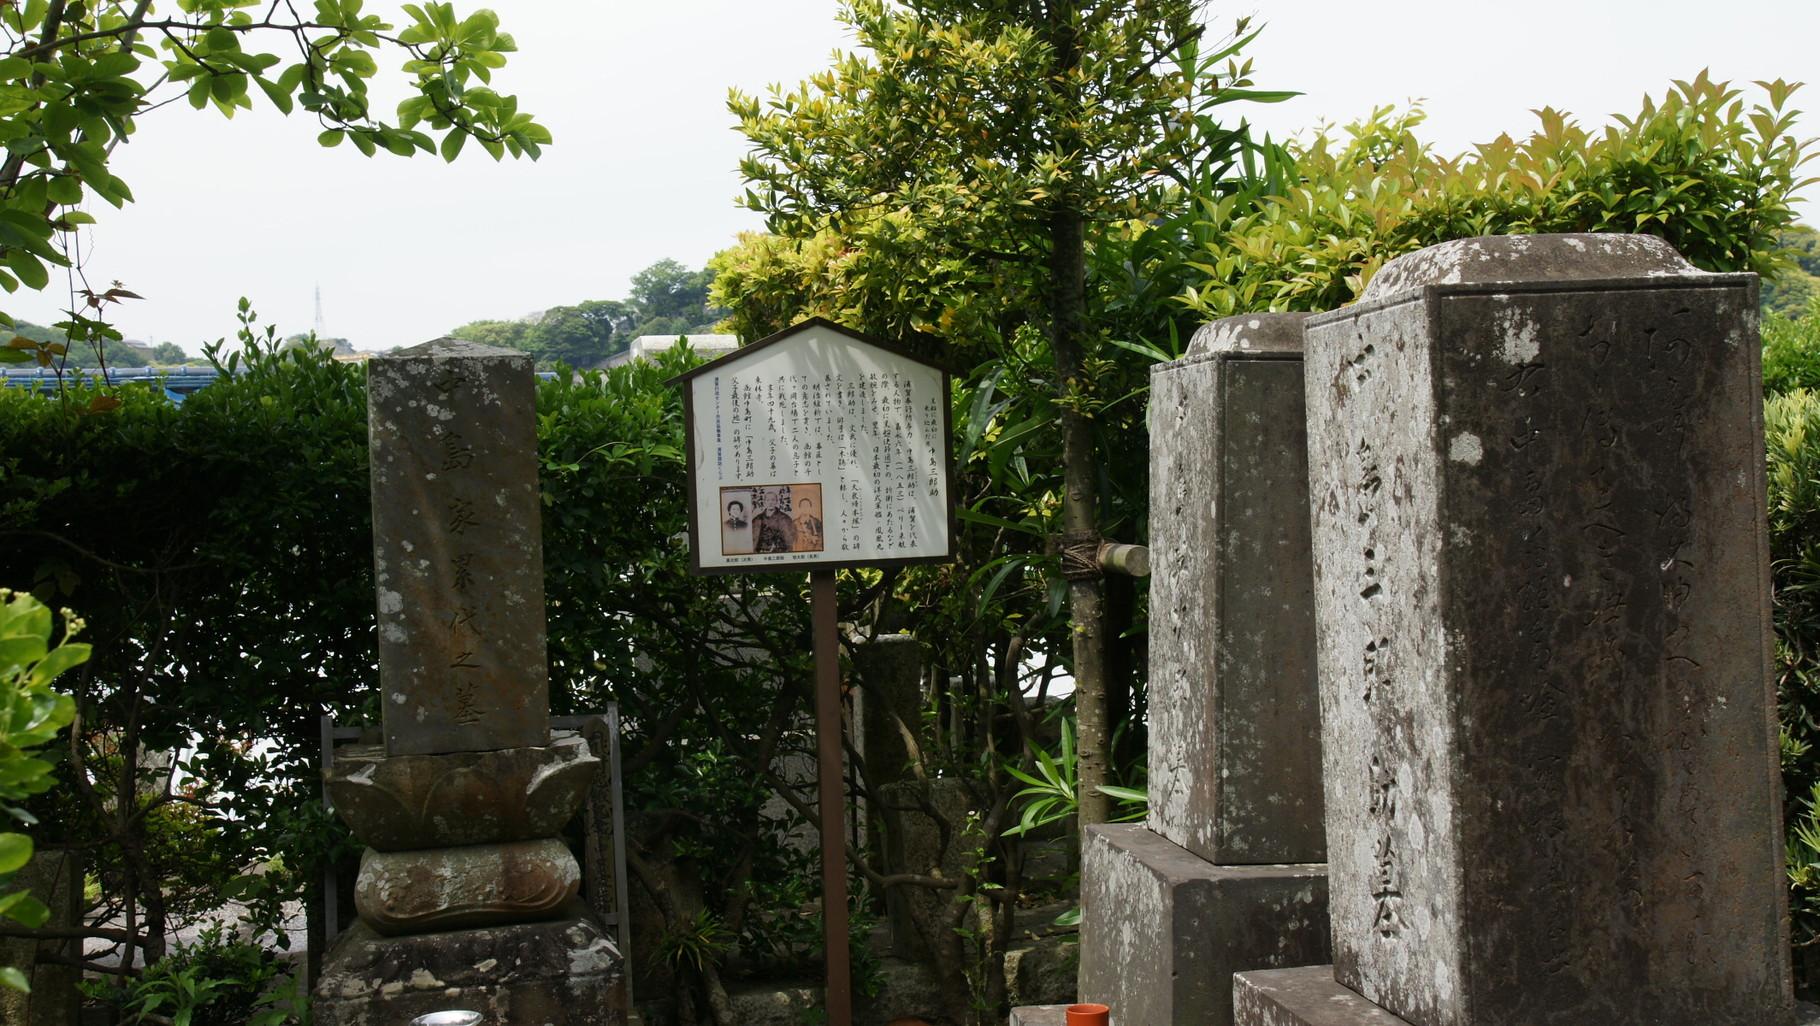 東林寺(とうりんじ)、中島三郎助とその2人の息子の墓